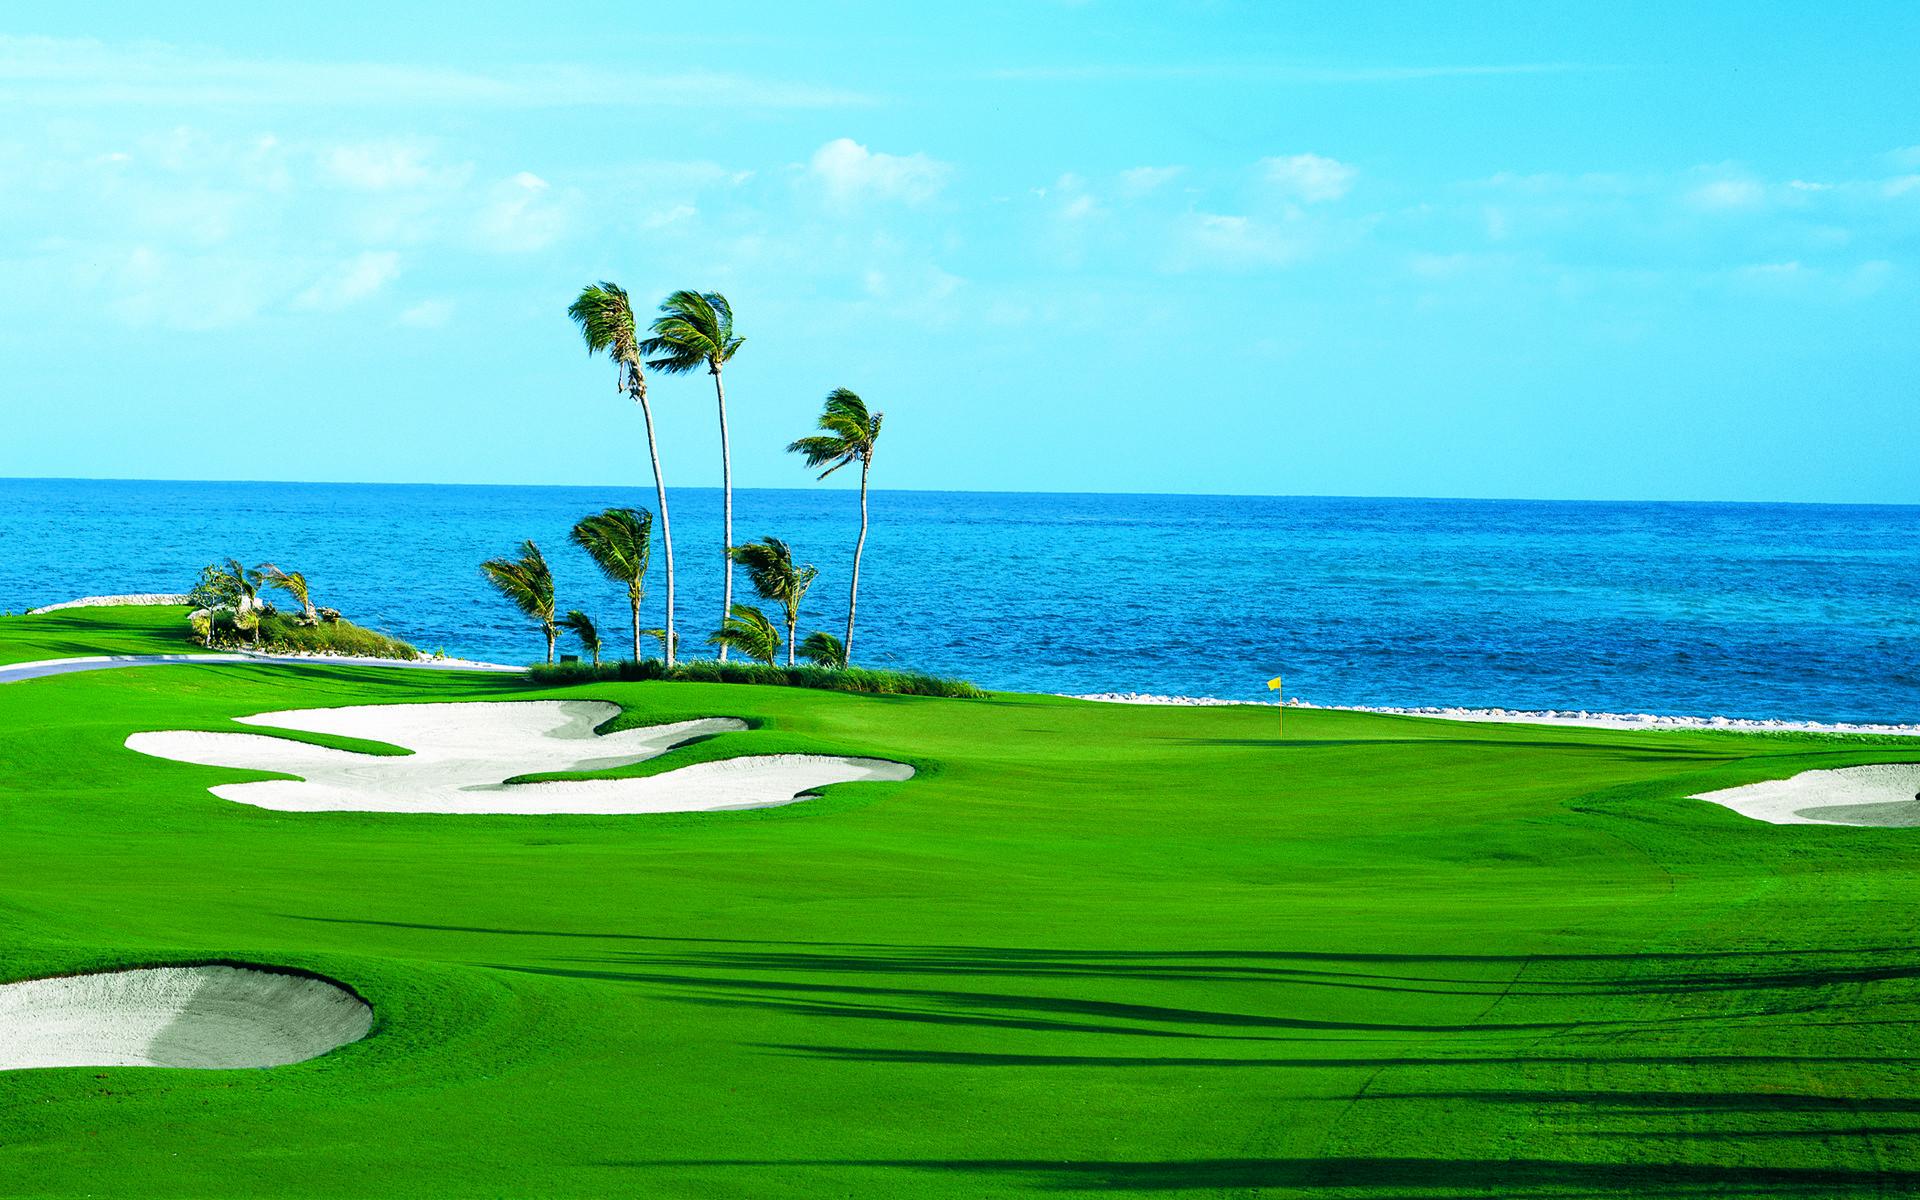 Hd golf wallpaper widescreen